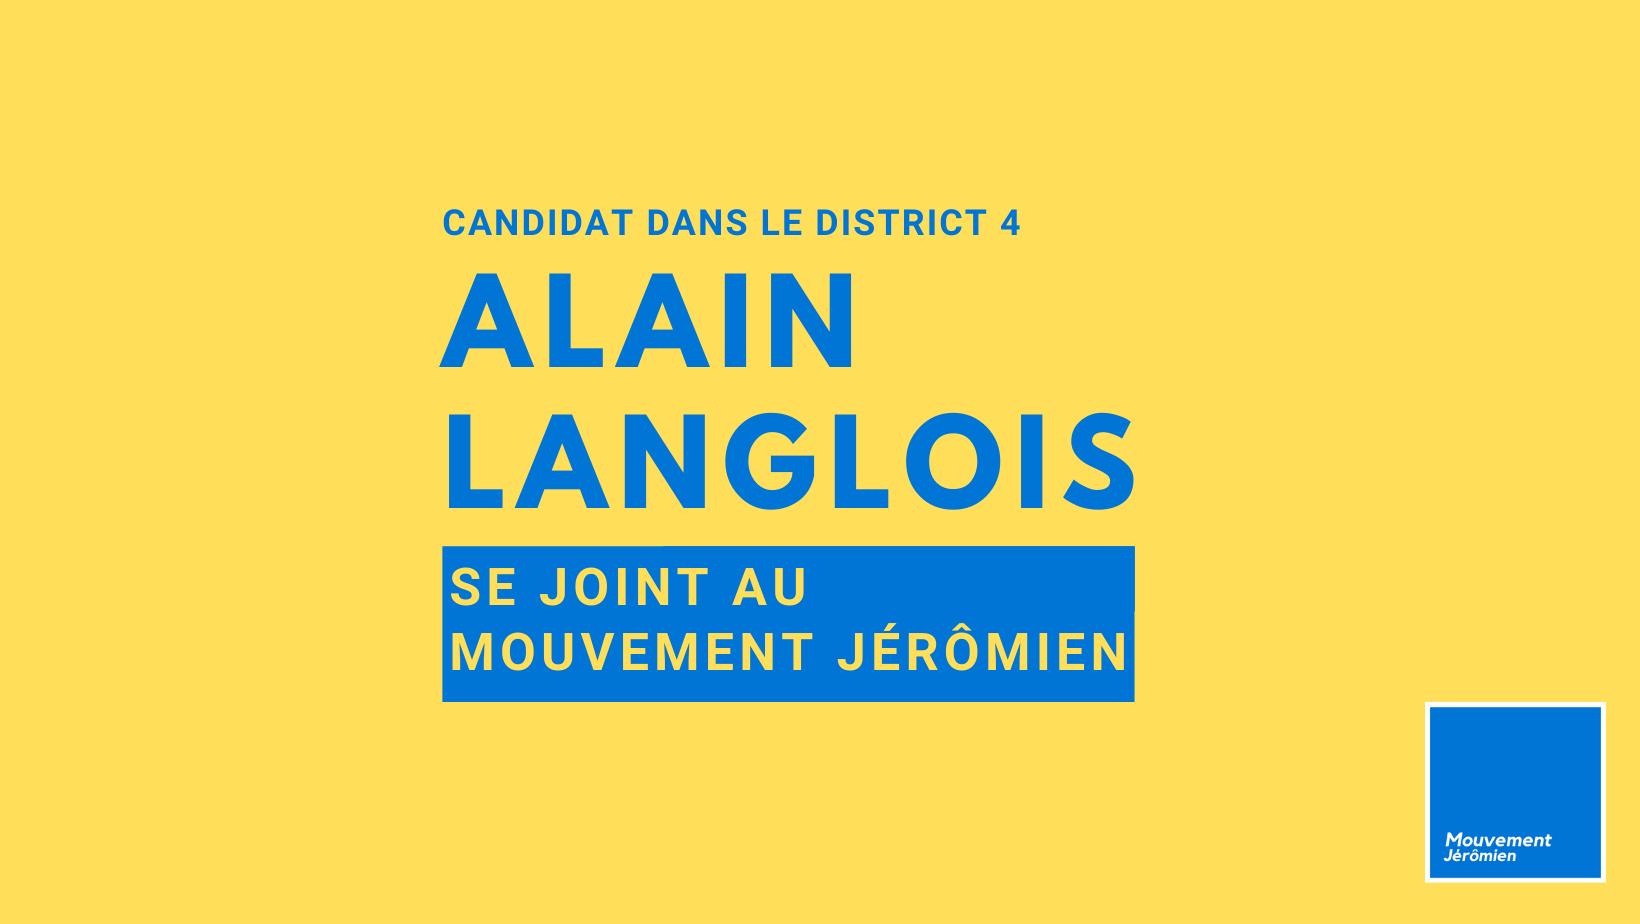 Alain Langlois se joint au Mouvement Jérômien